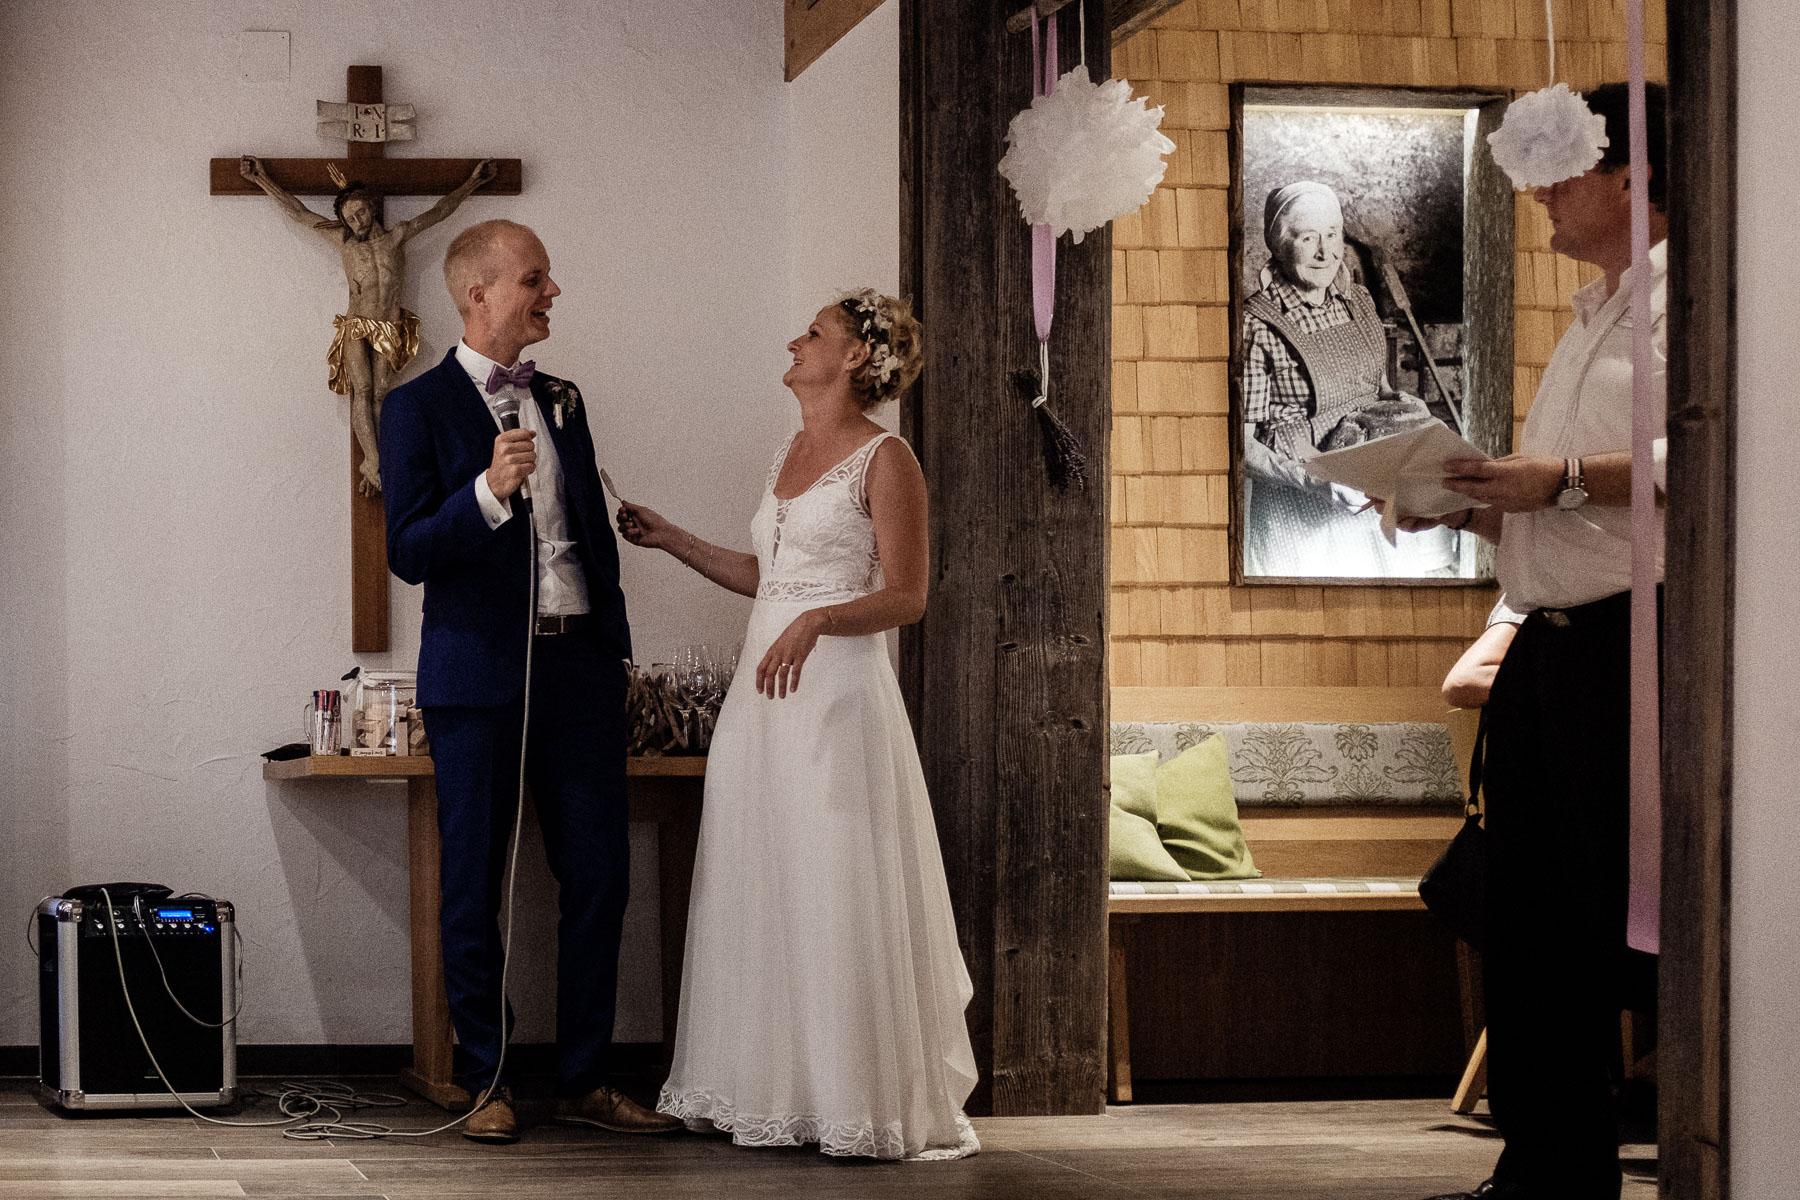 MartinLiebl_Hochzeitsfotograf_LCL_II_Blog_69.jpg